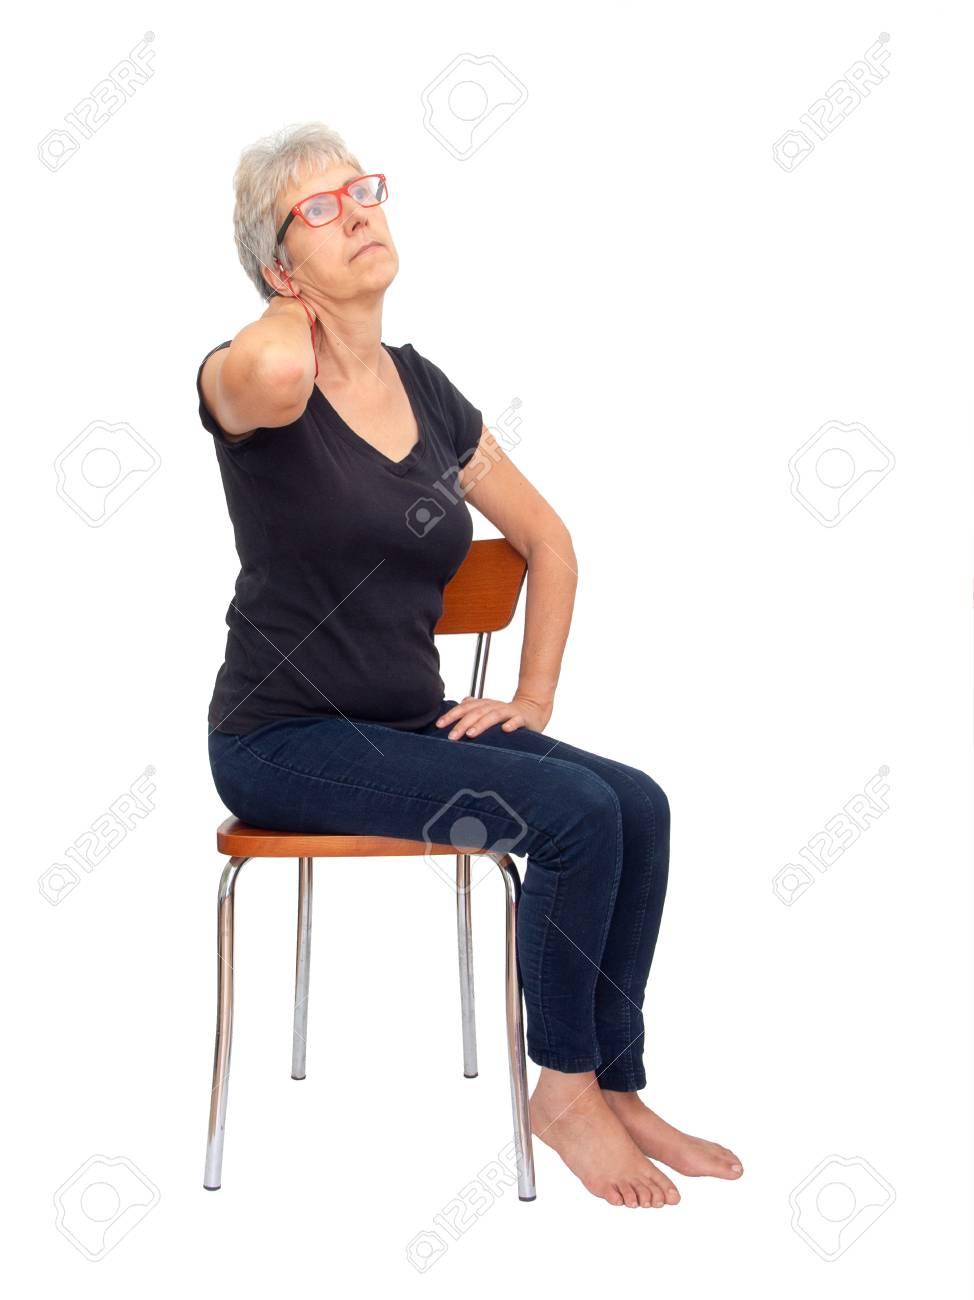 body mature woman